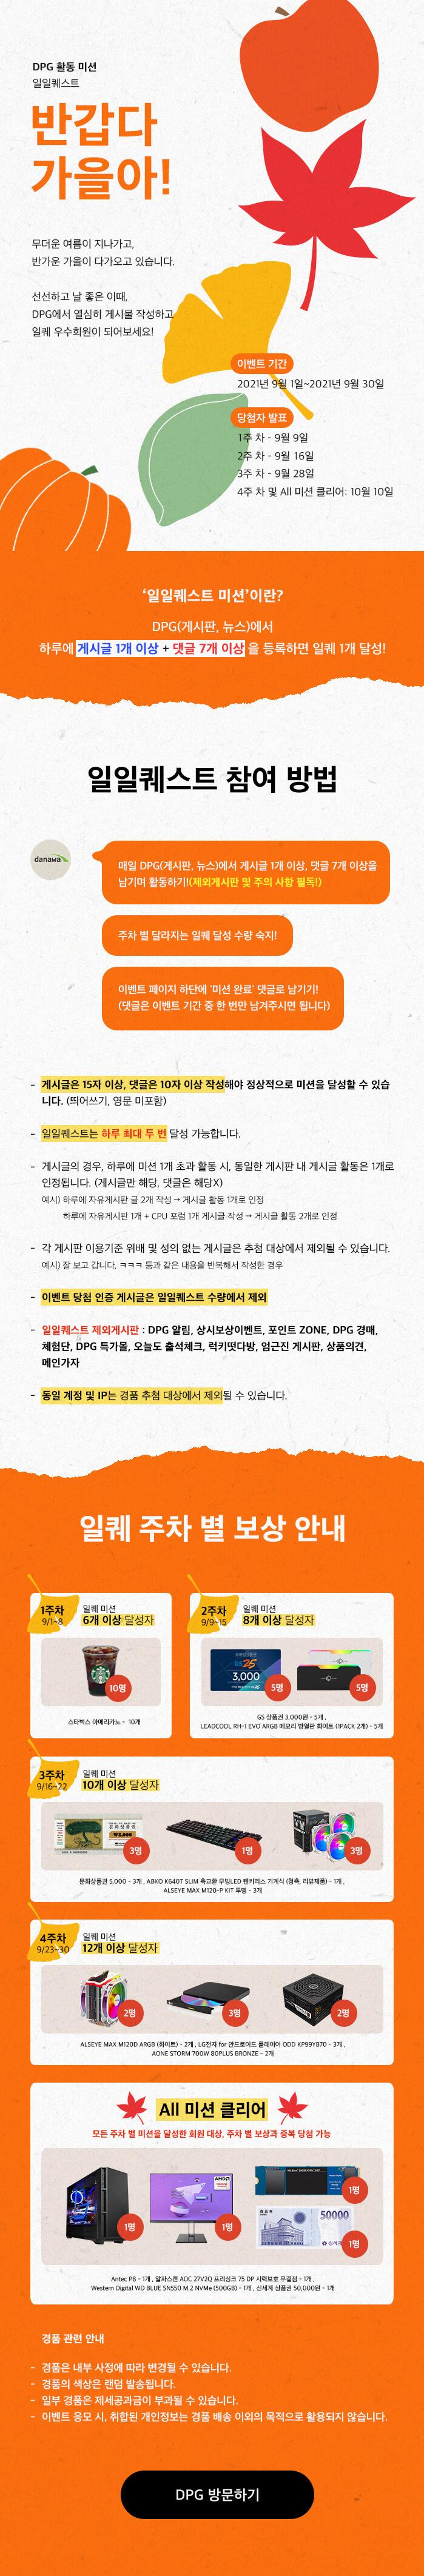 DPG 활동 미션 일일퀘스트 반갑다 가을아!